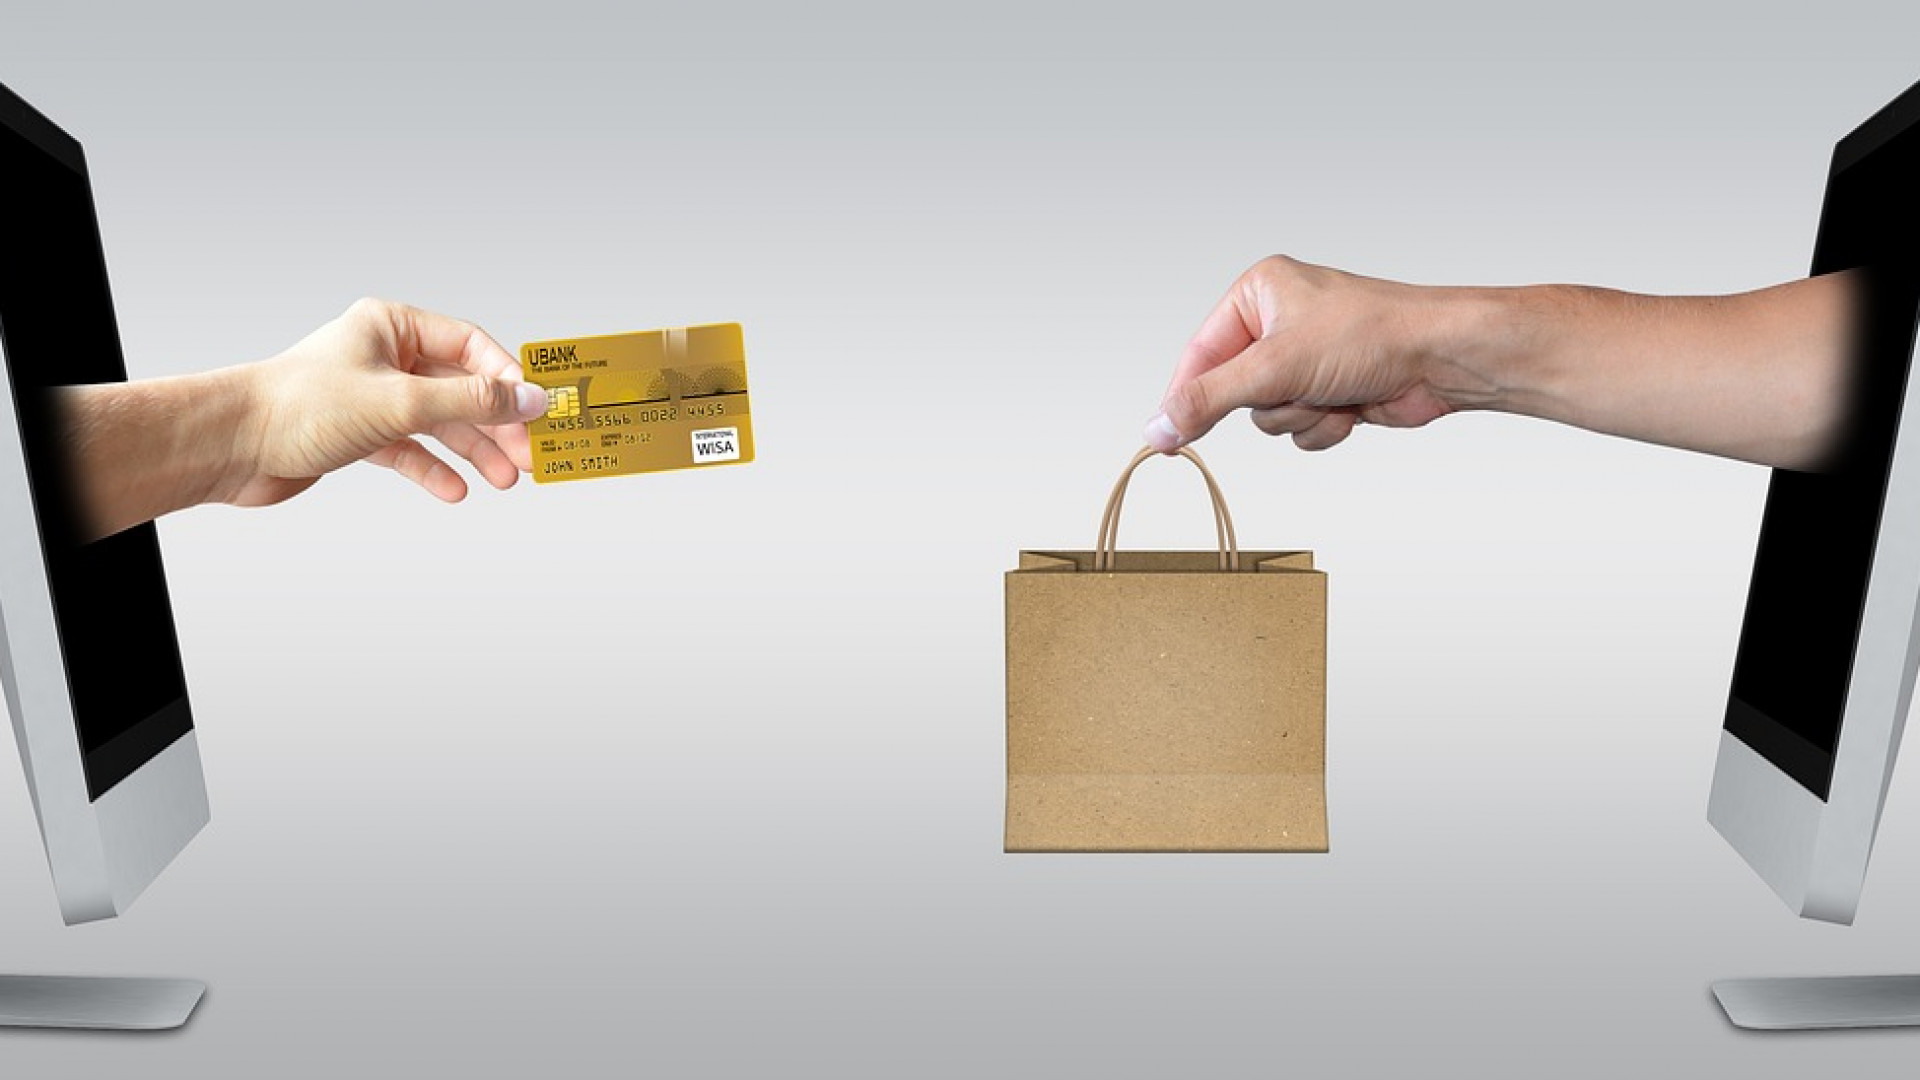 Pourquoi personnaliser votre sac publicitaire ?